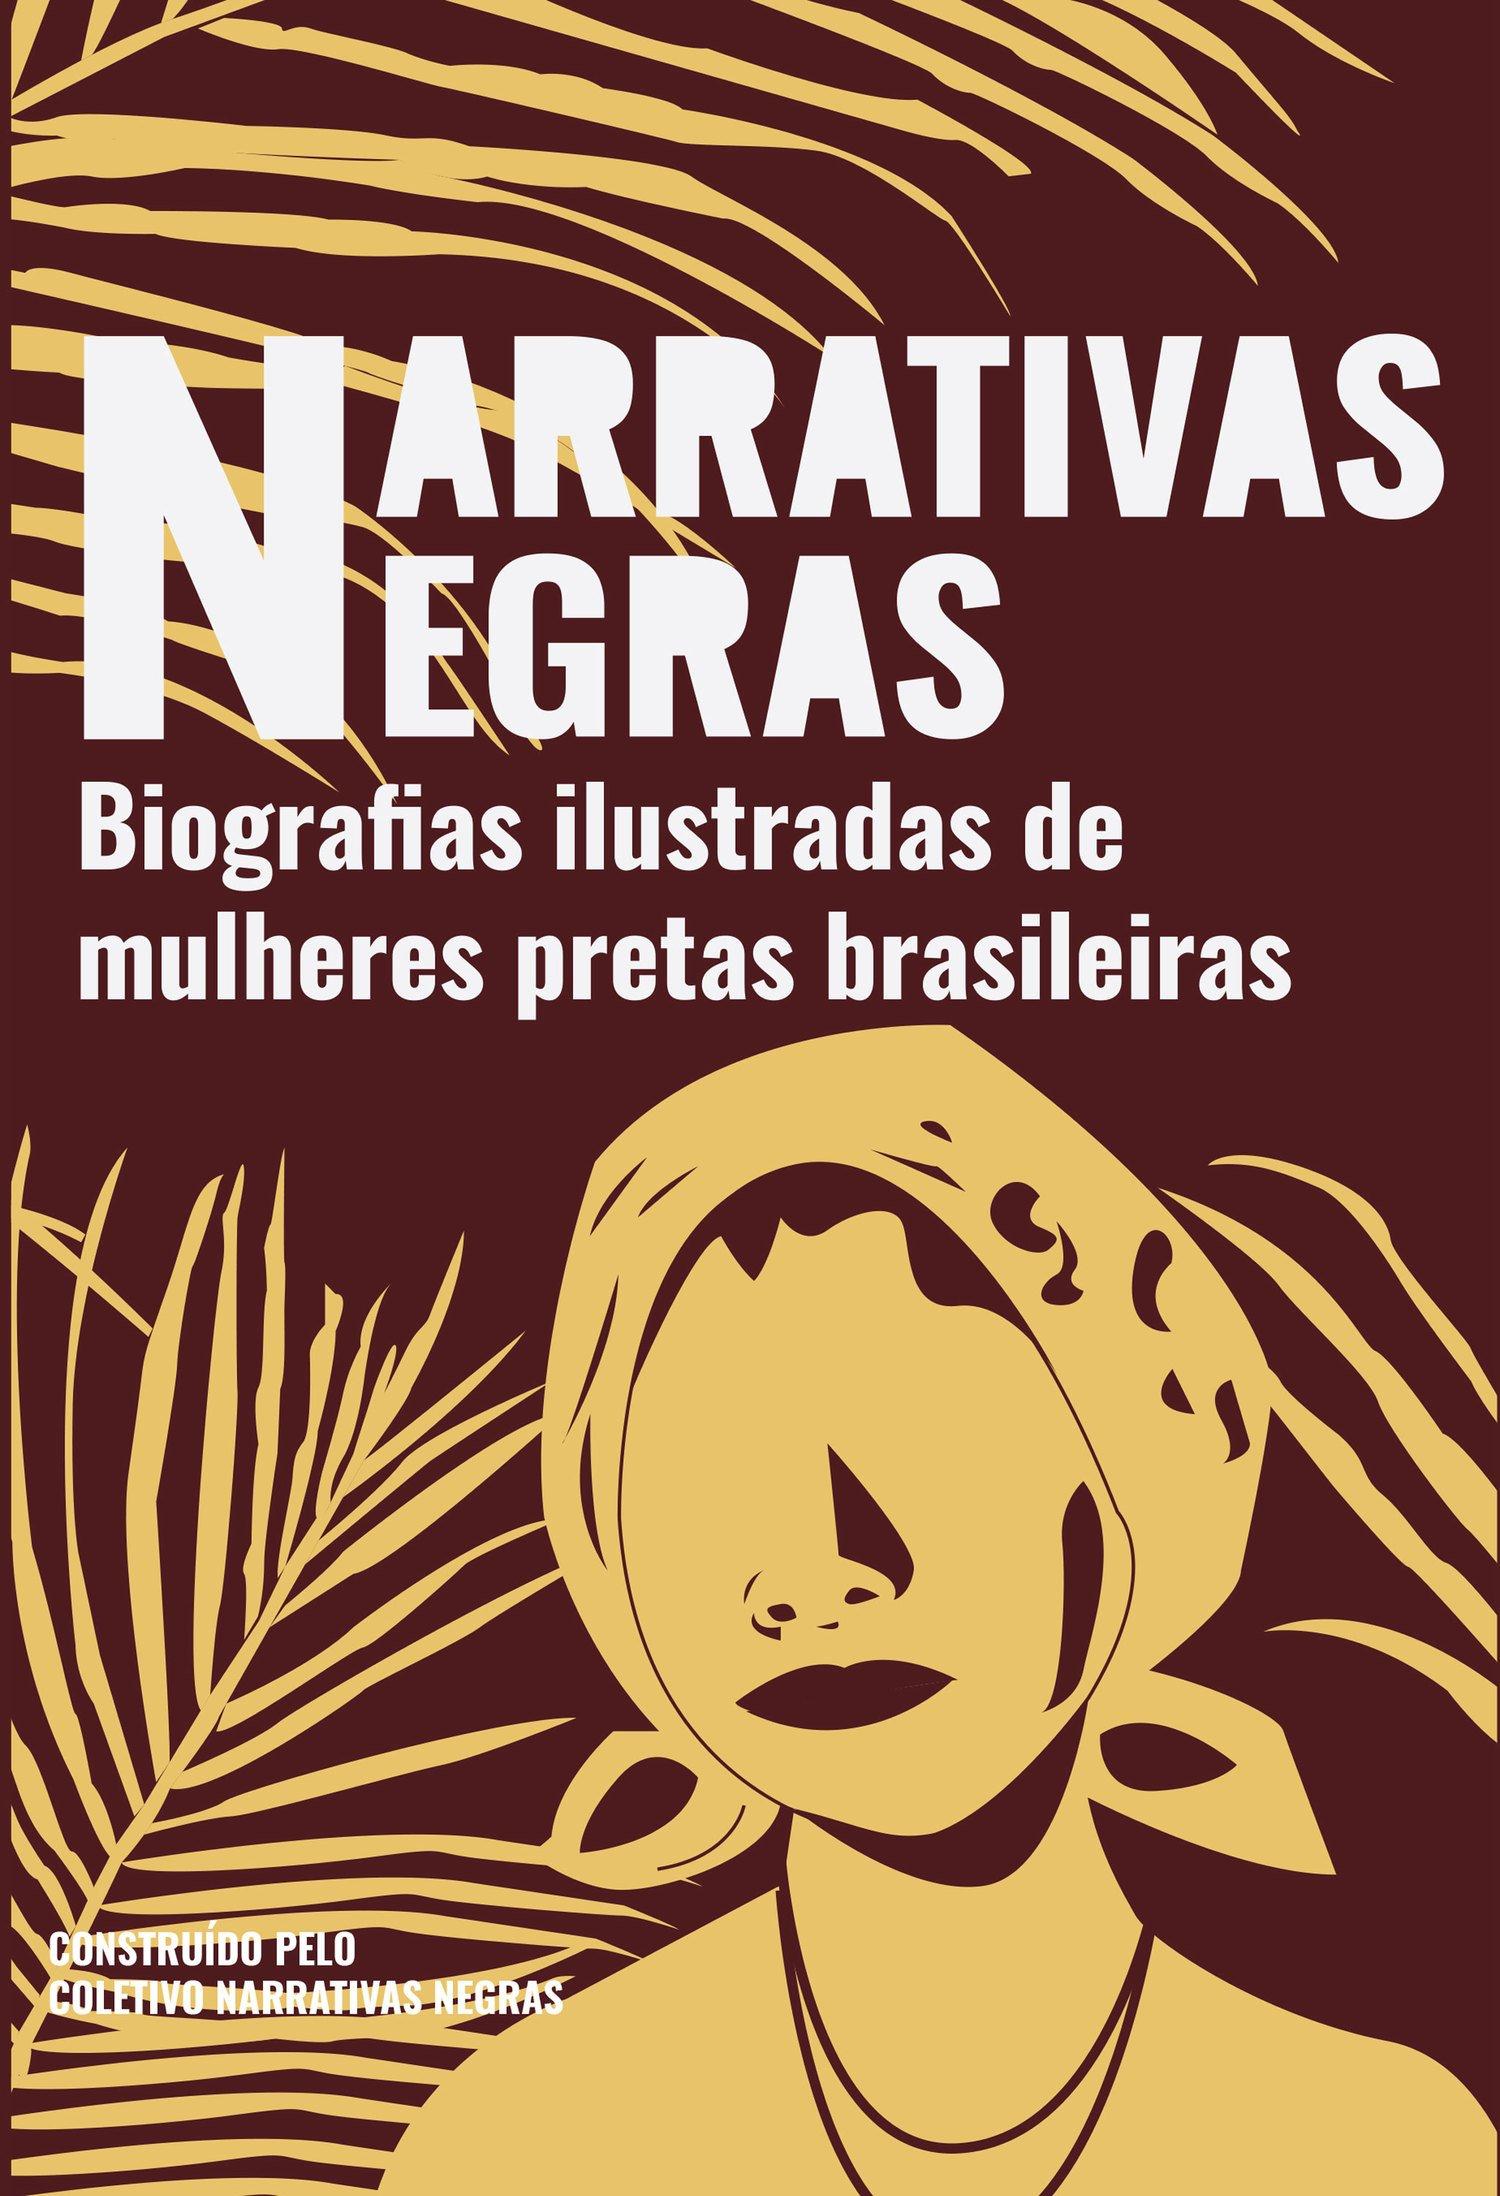 Narrativas Negras – Biografias ilustradas de mulheres pretas brasileiras